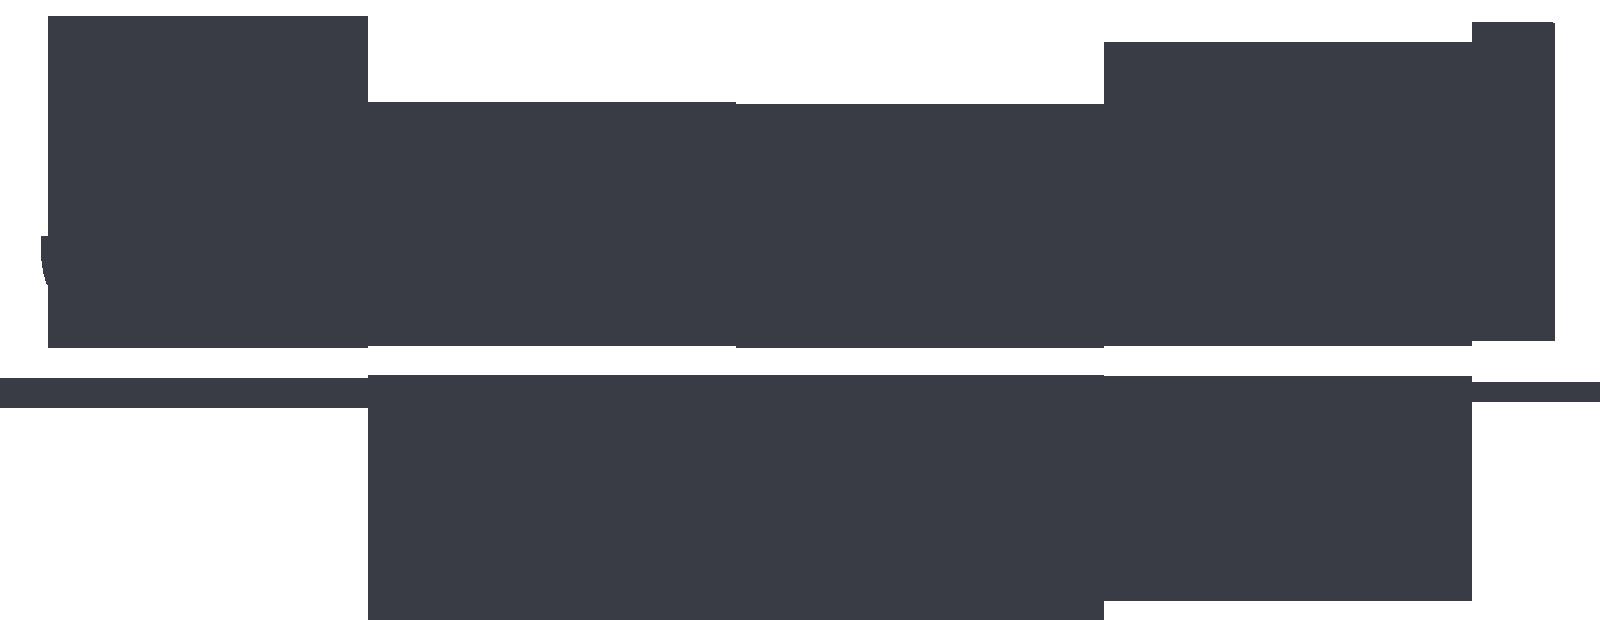 Sercotel incorpora un nuevo establecimiento en Colombia